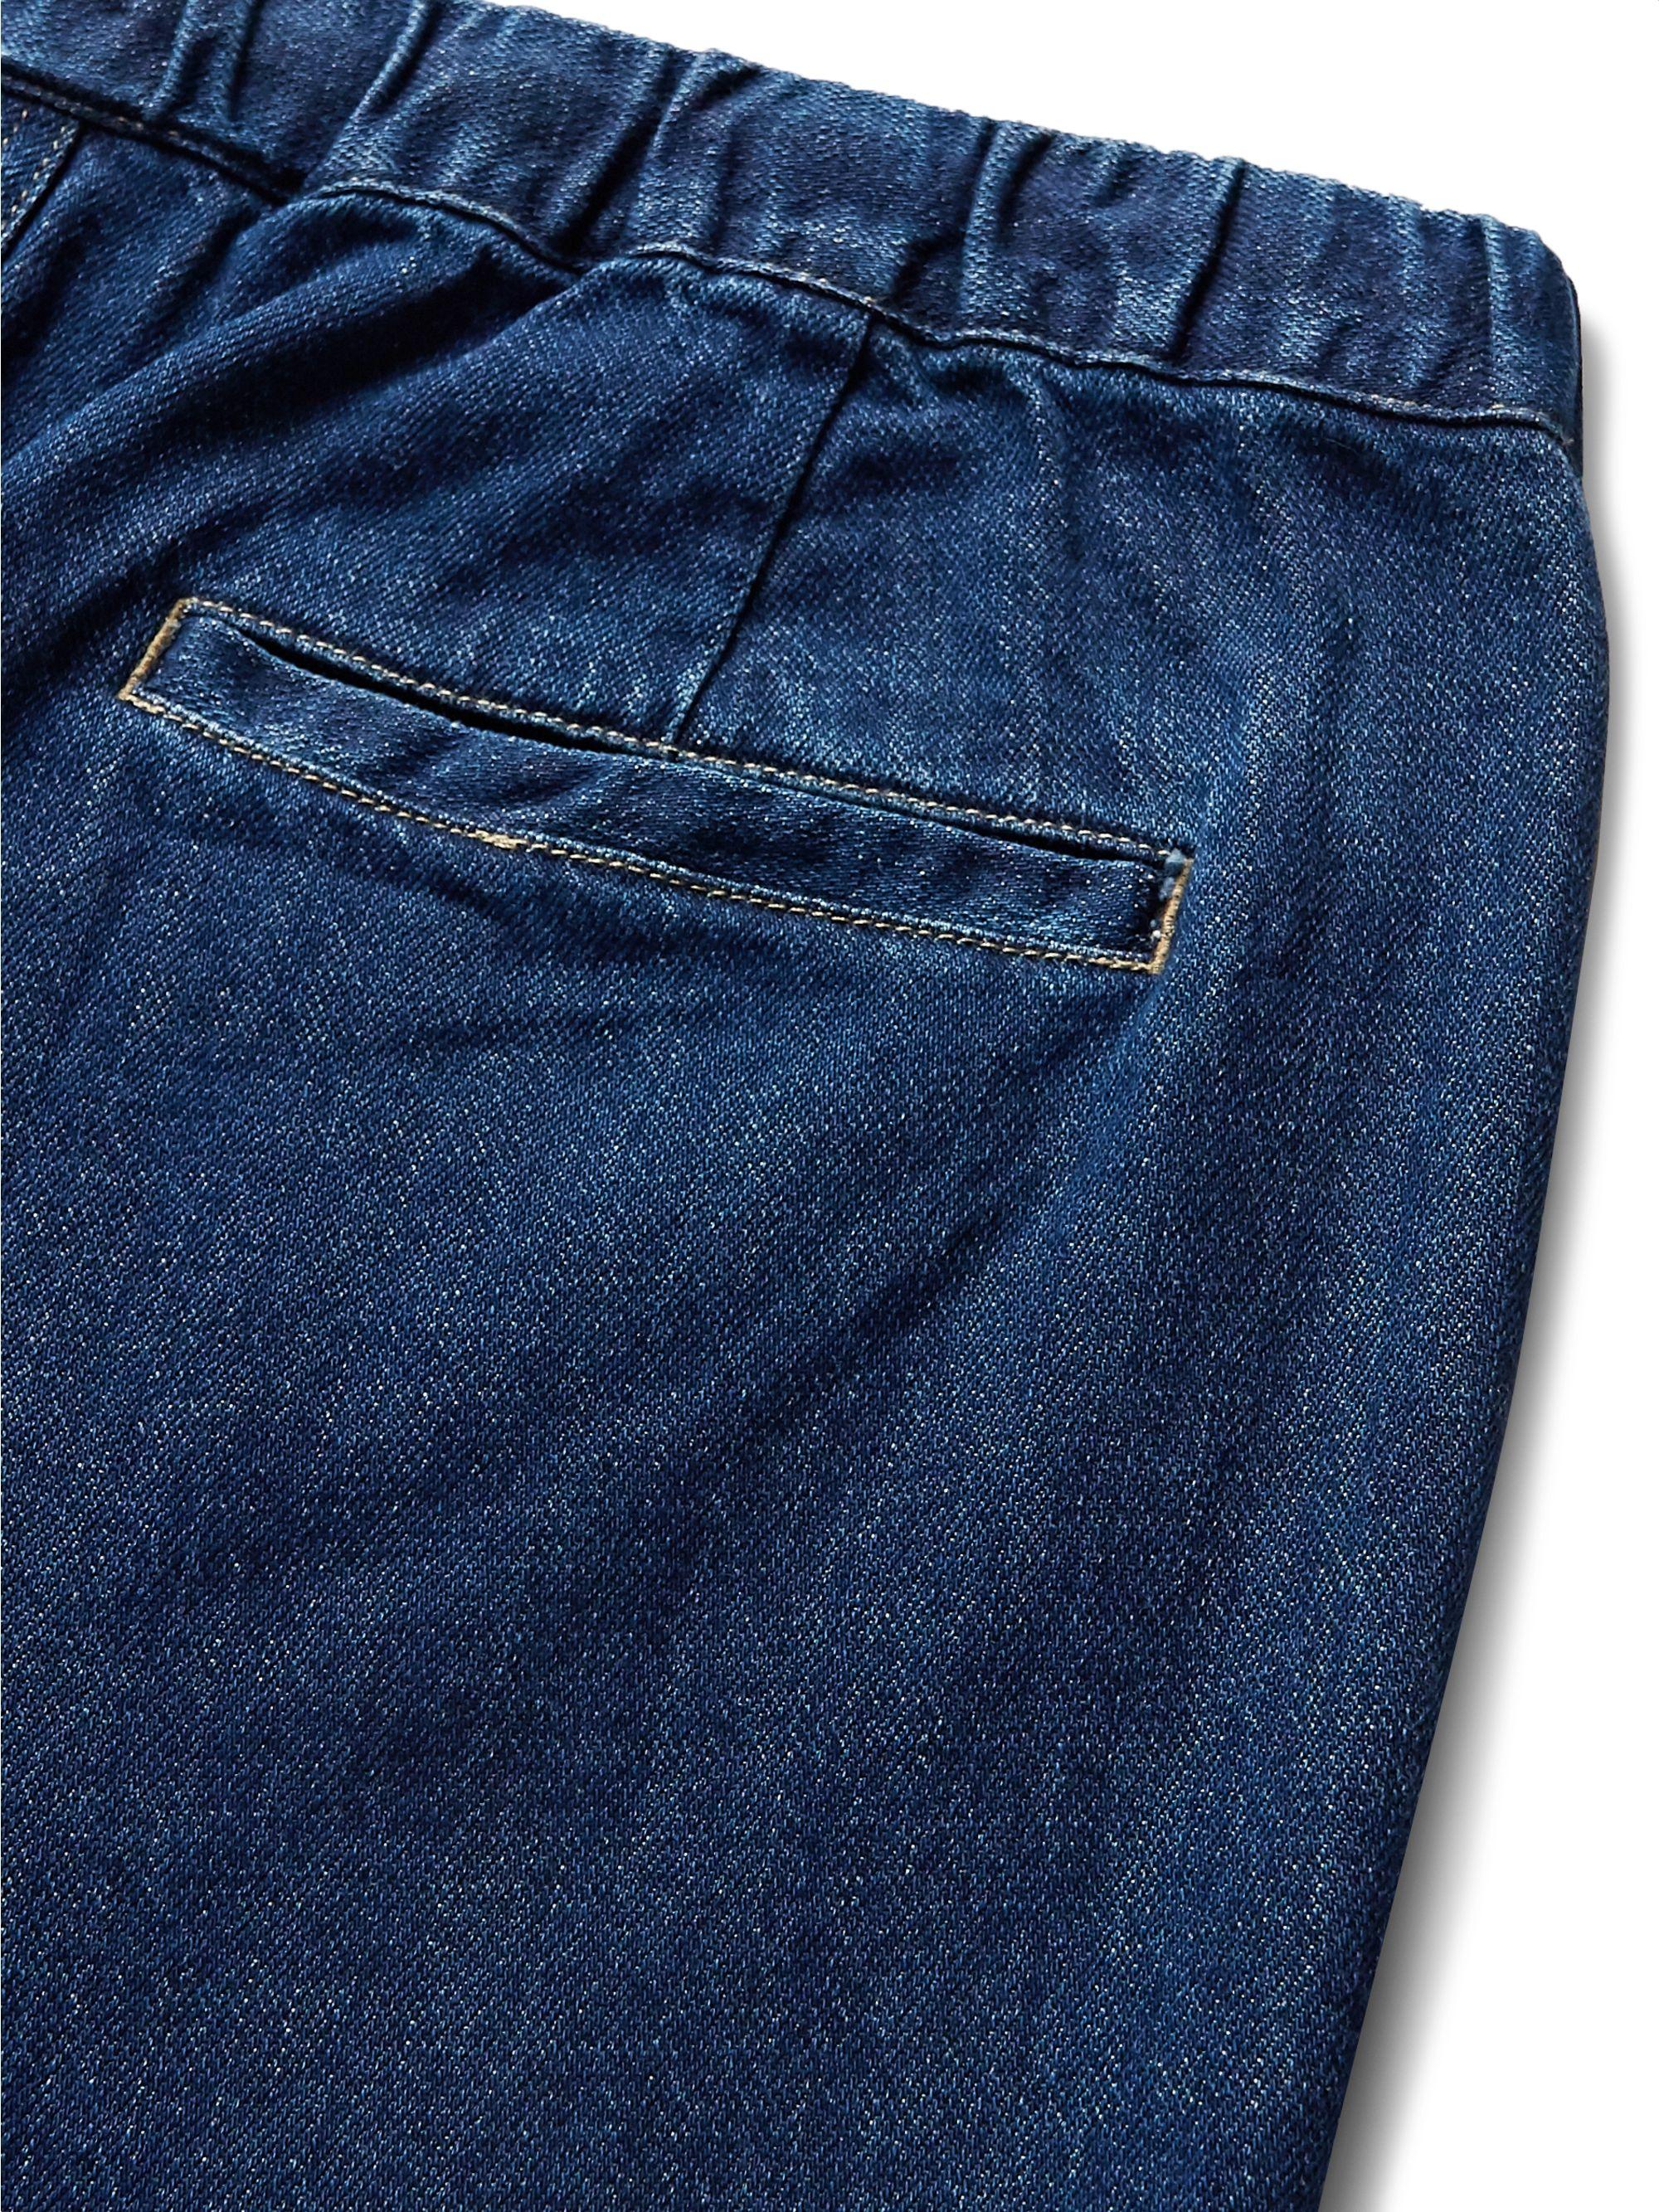 Indigo Quinn Indigo-dyed Denim Drawstring Shorts | Saturdays Nyc